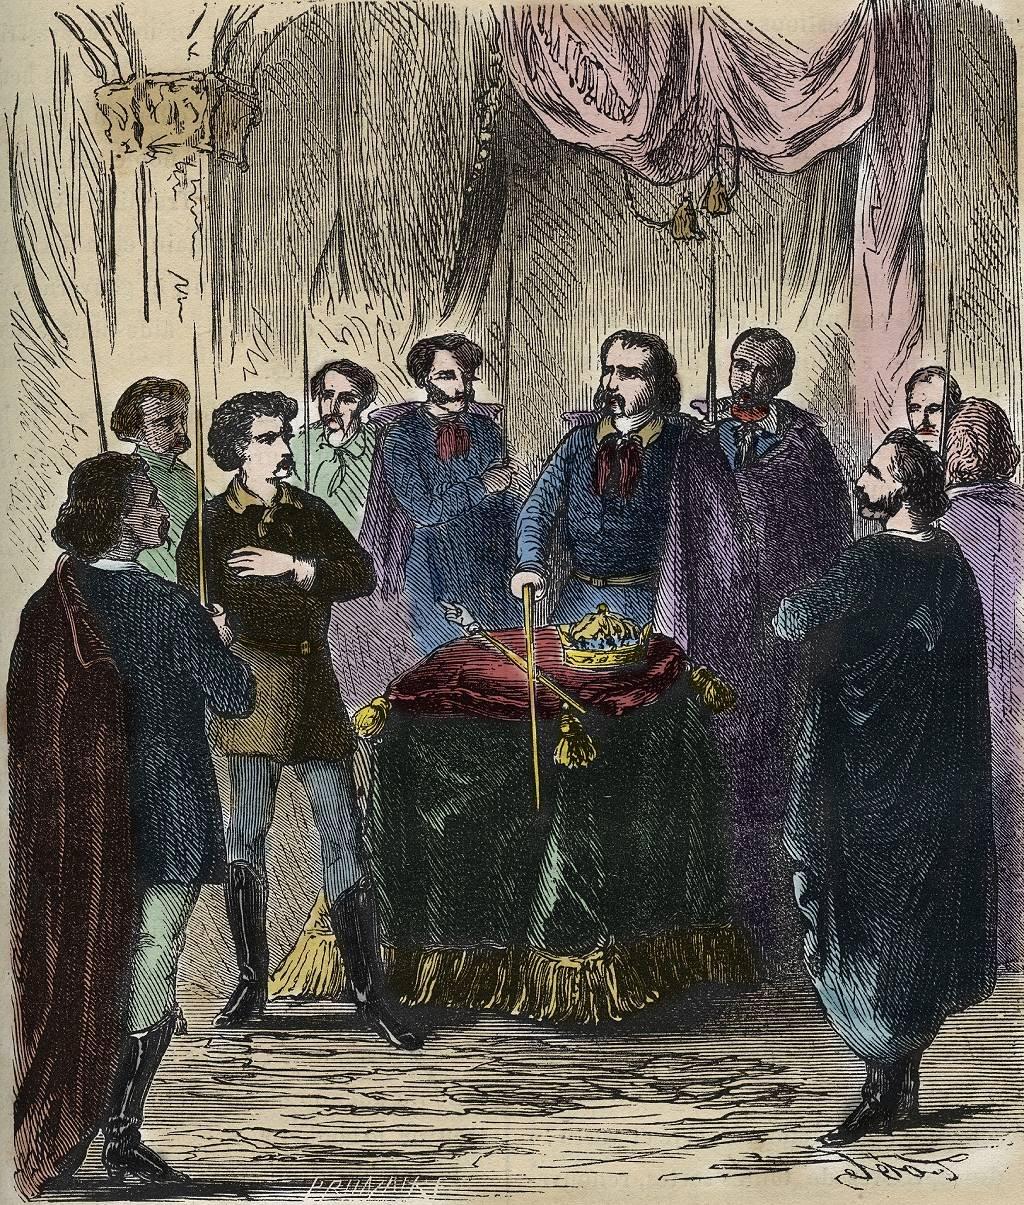 Una representación del siglo XIX de un ritual de iniciación Illuminati. En realidad, quedan escasos detalles sobre la verdadera naturaleza de la ceremonia.